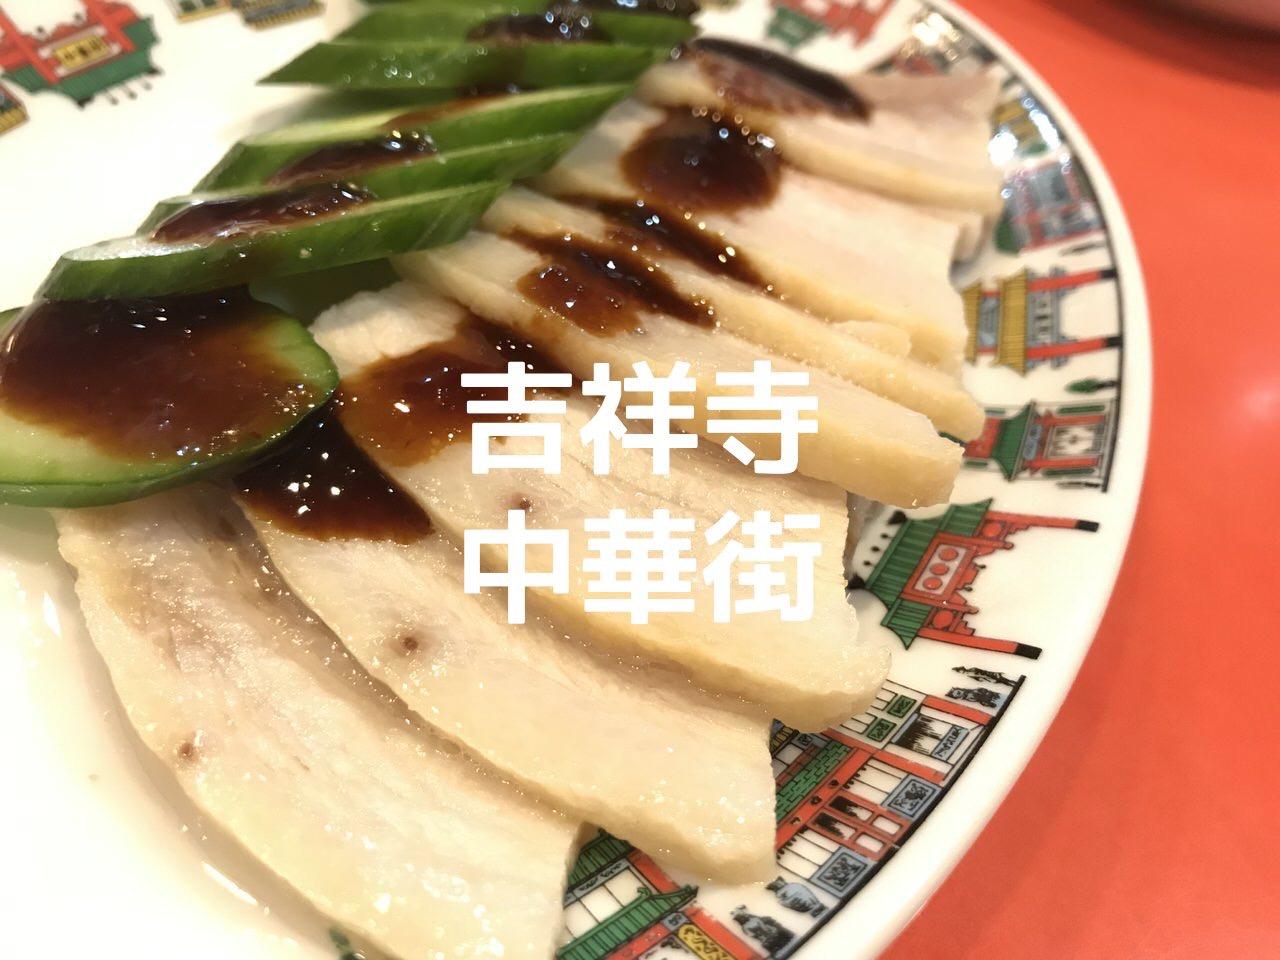 「中華街」朝8時まで営業している吉祥寺の大衆的な中華料理店